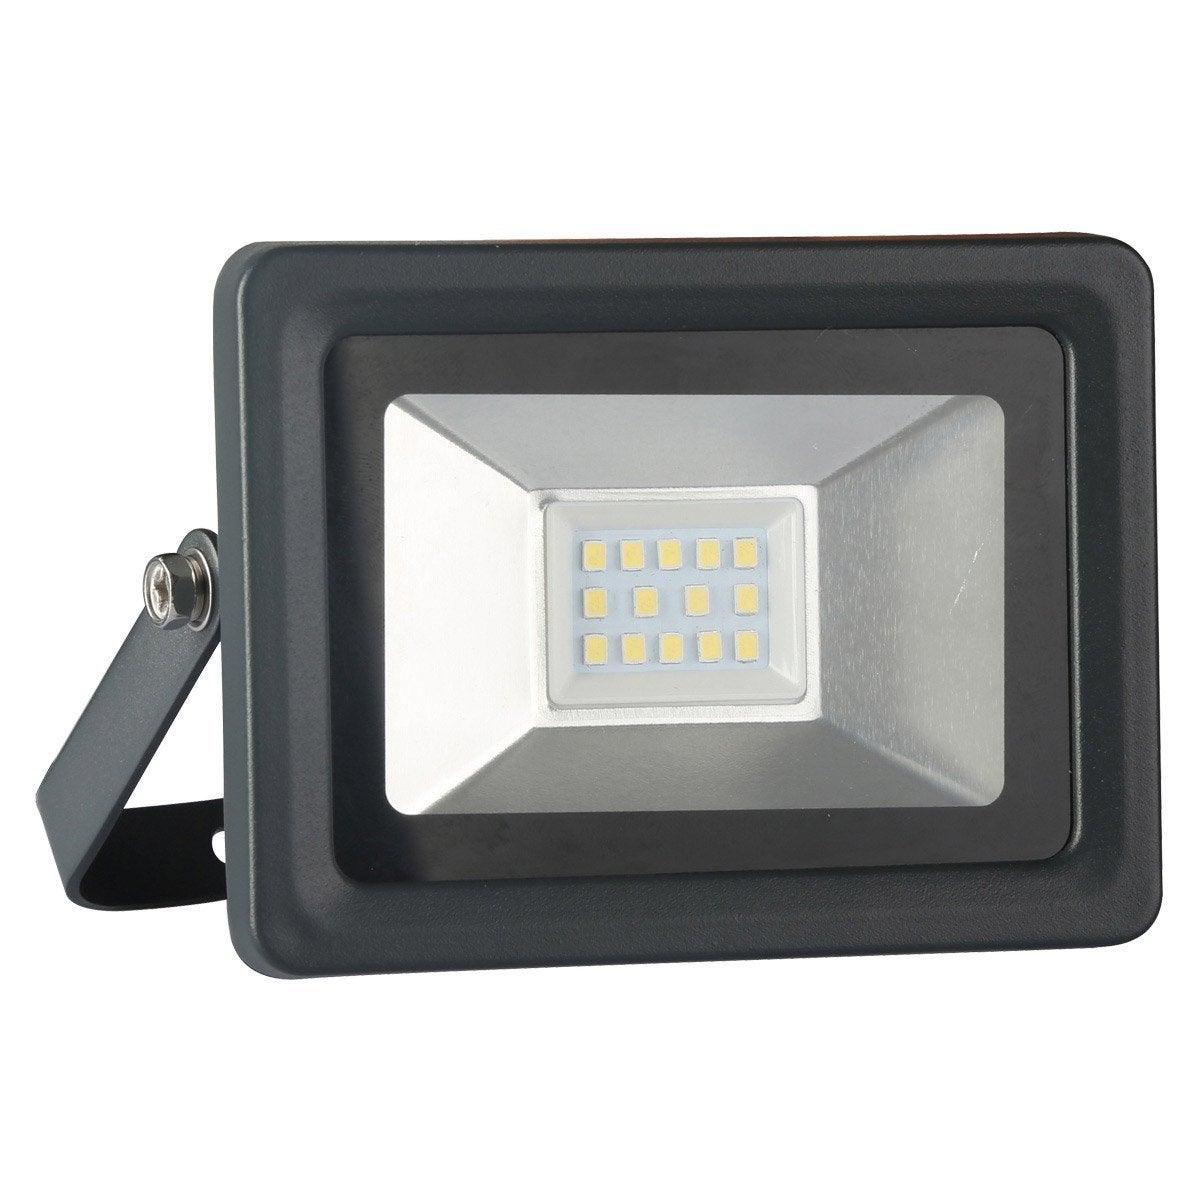 Projecteur à fixer extérieur LED intégrée 10 W = 750 Lm, noir INSPIRE